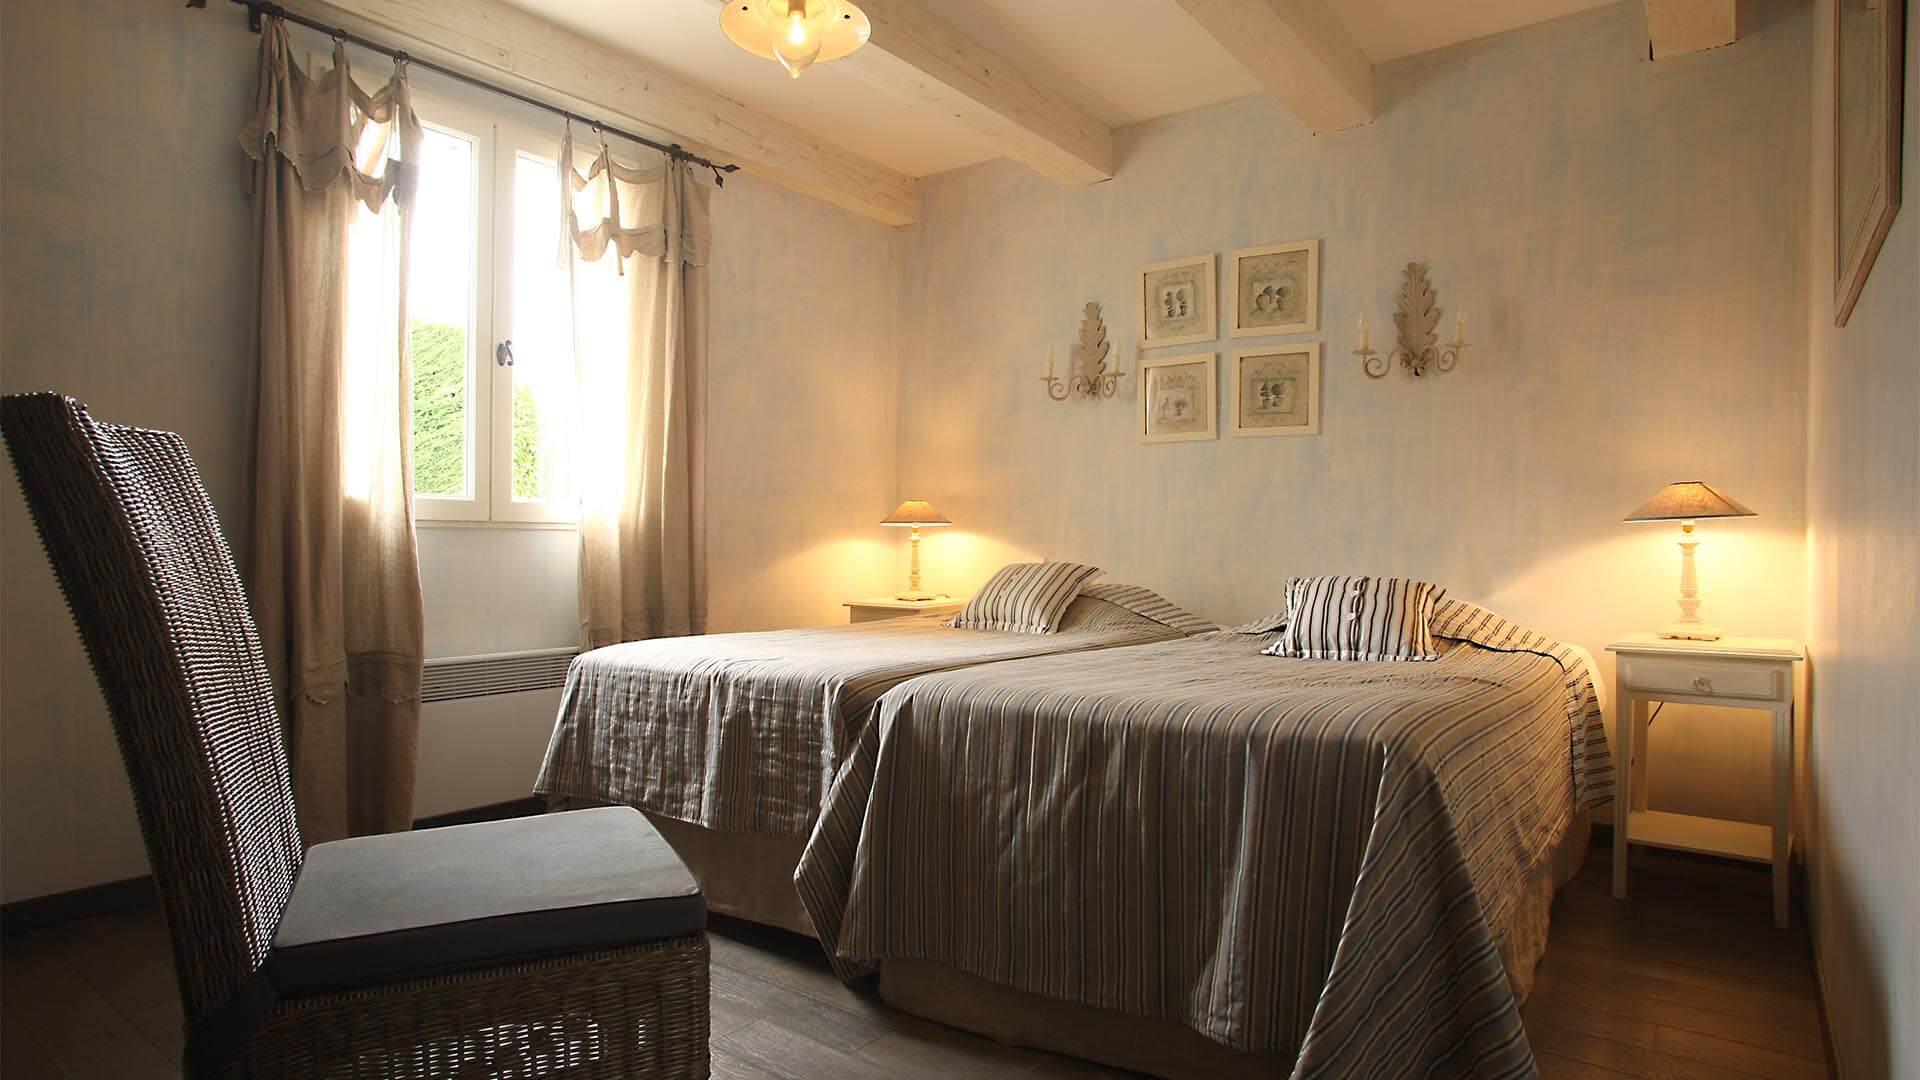 Location saisonnière maison Alpes de Haute Provence | Villa terre d'orange | Chambre deux lits